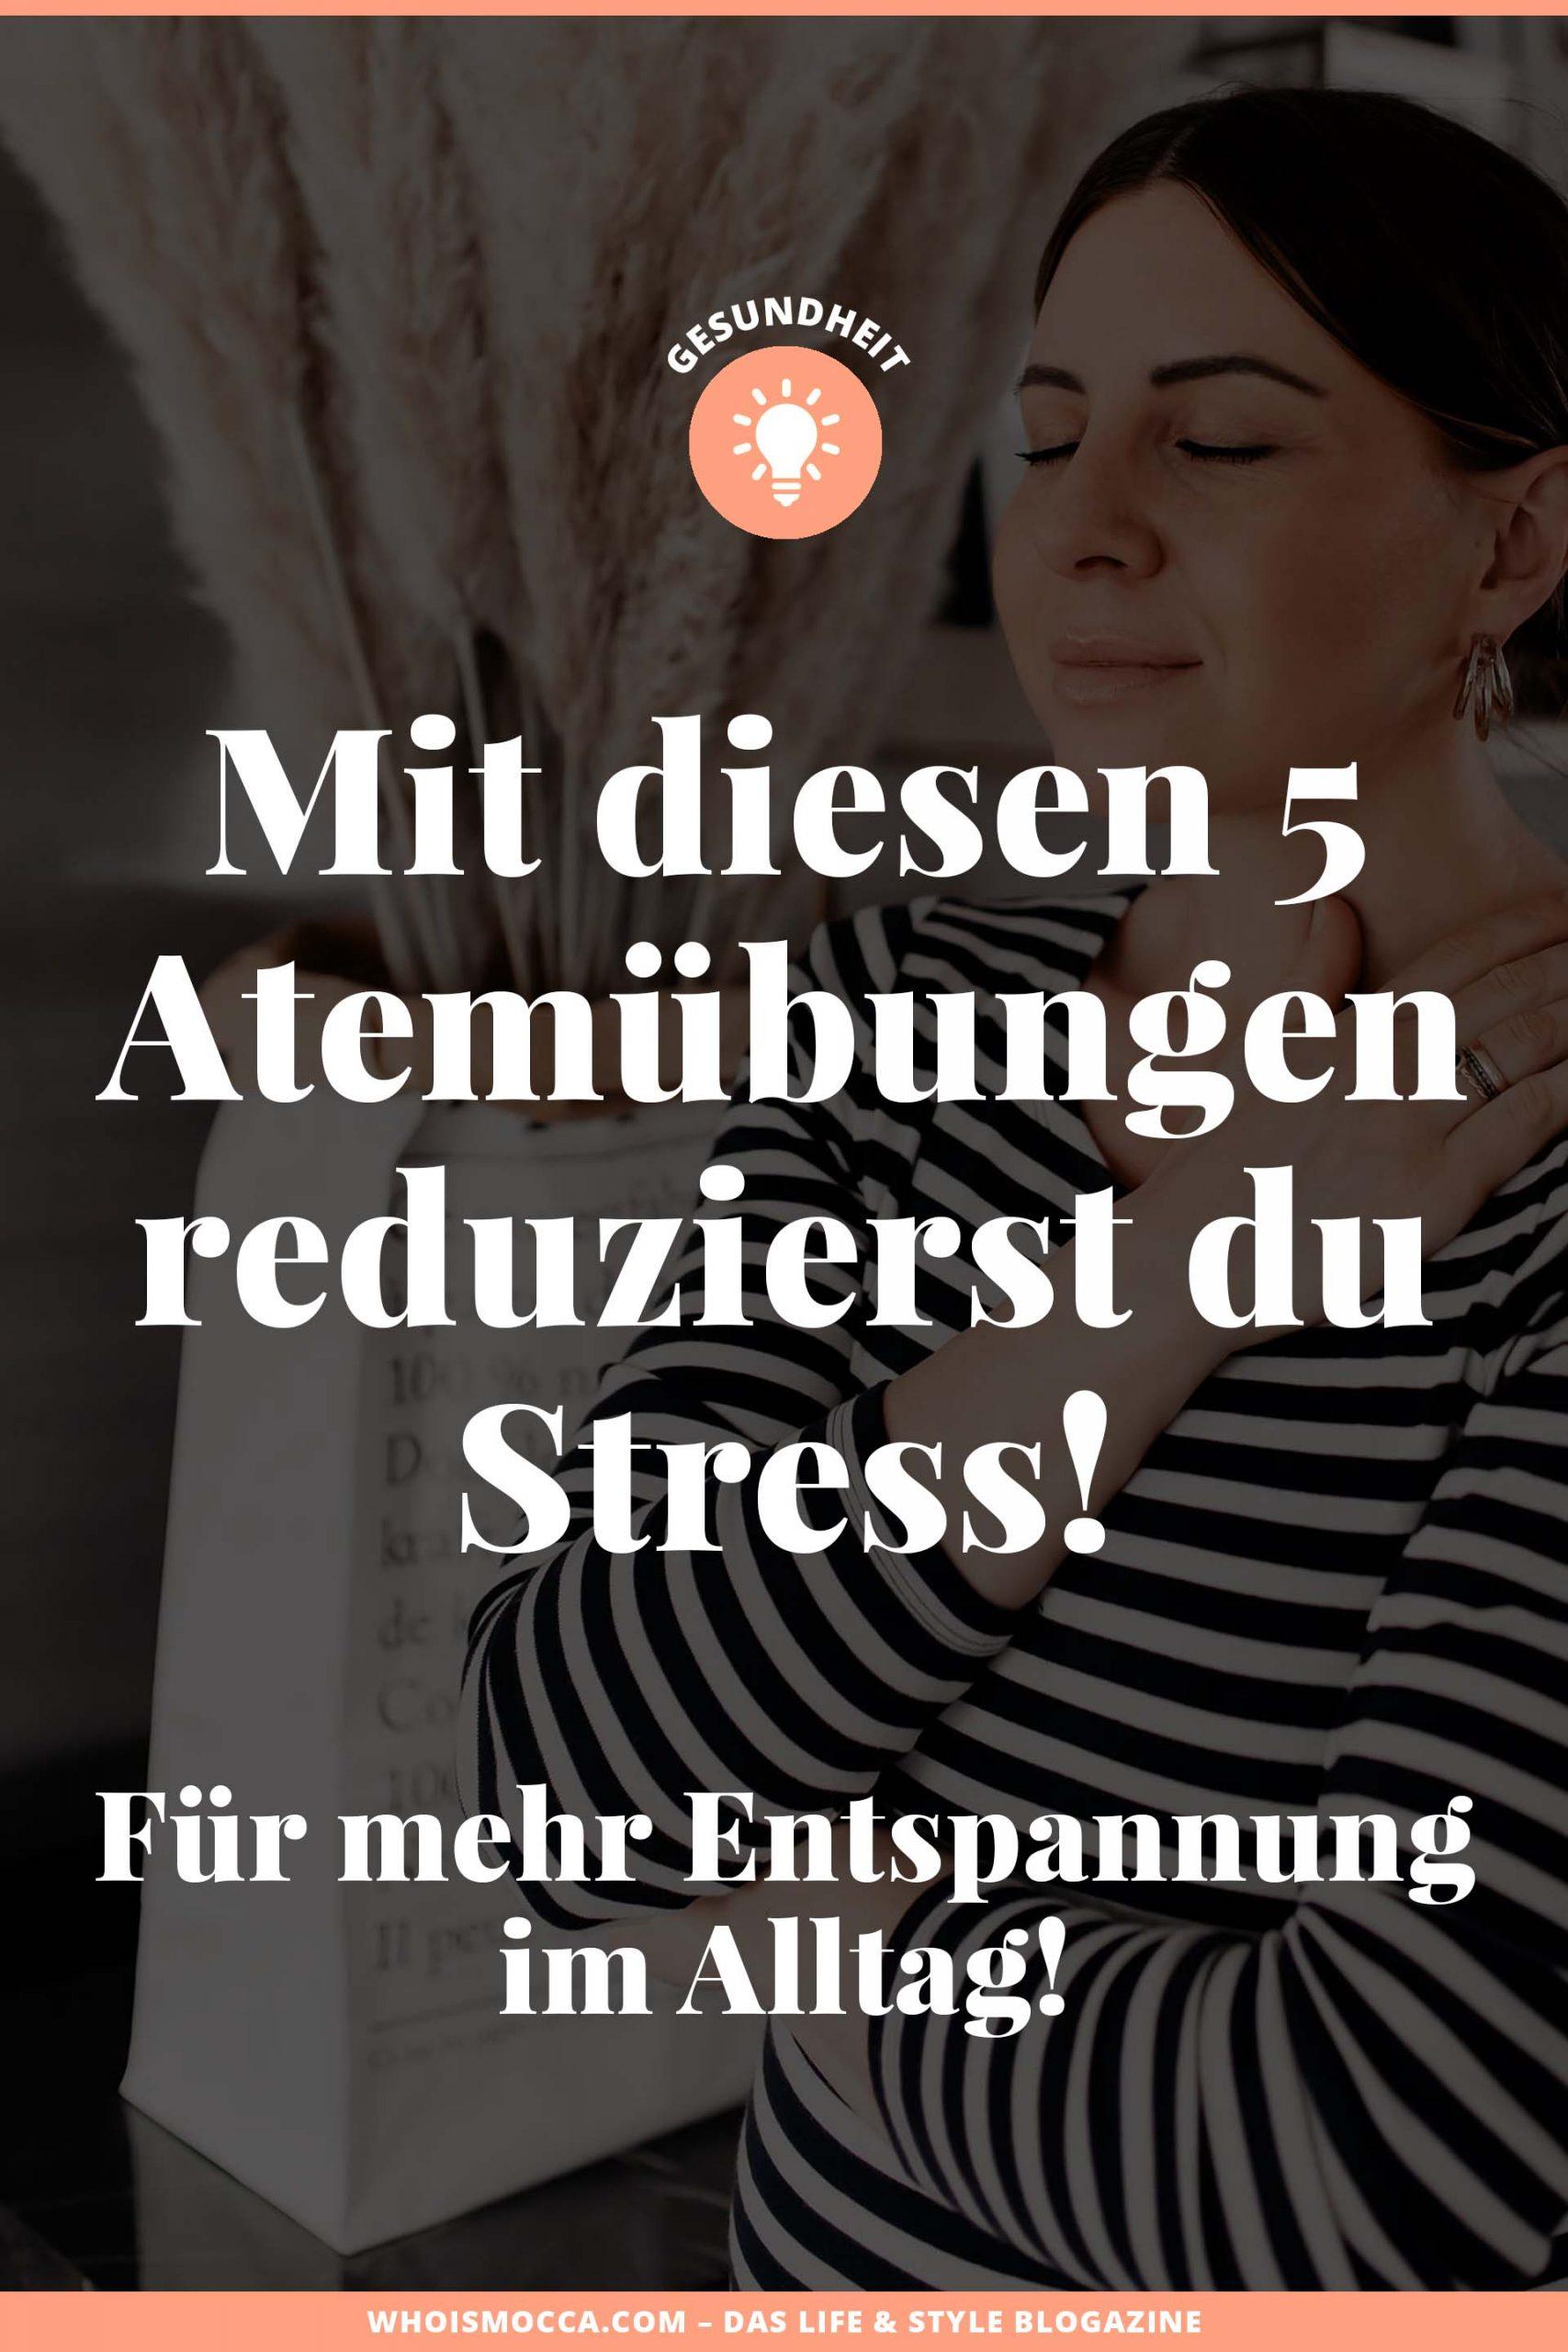 Entspannende Atemübungen können dir helfen, Stress abzubauen und bringen so mehr Gelassenheit in deinen Alltag.Im heutigen Blogbeitrag zeige ich dir, mit welchen einfachen und zeitsparenden Atemtechniken du Stress erfolgreich abbauen kannst. www.whoismocca.com #atemübungen #wohlbefinden #karrieretipps